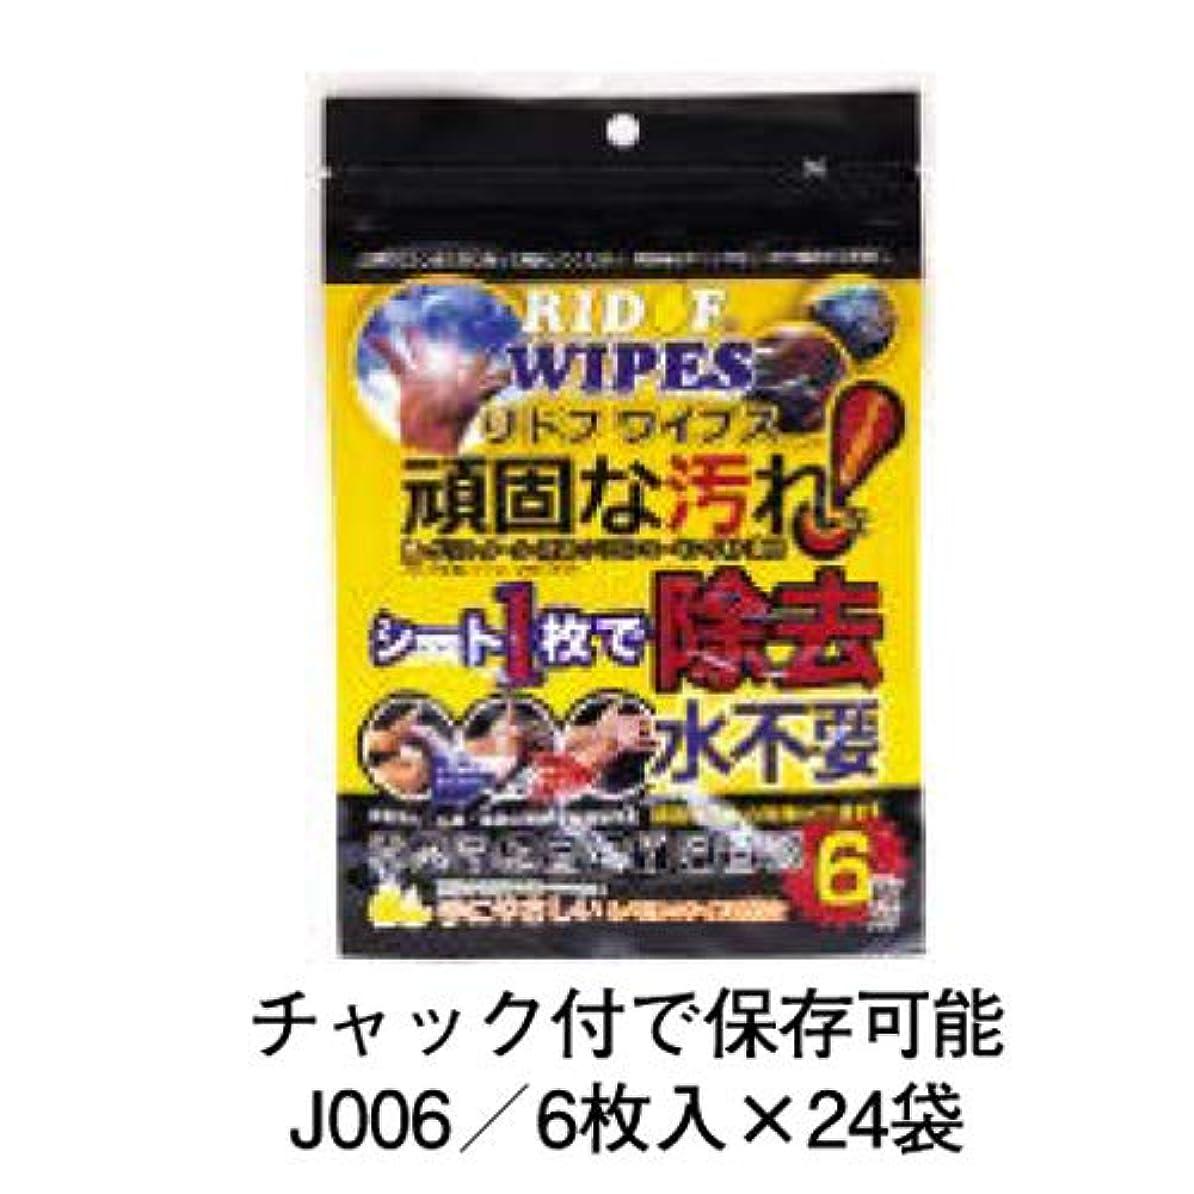 億落花生潜むリドフワイプス チャック付タイプ/6枚入×24袋 J006